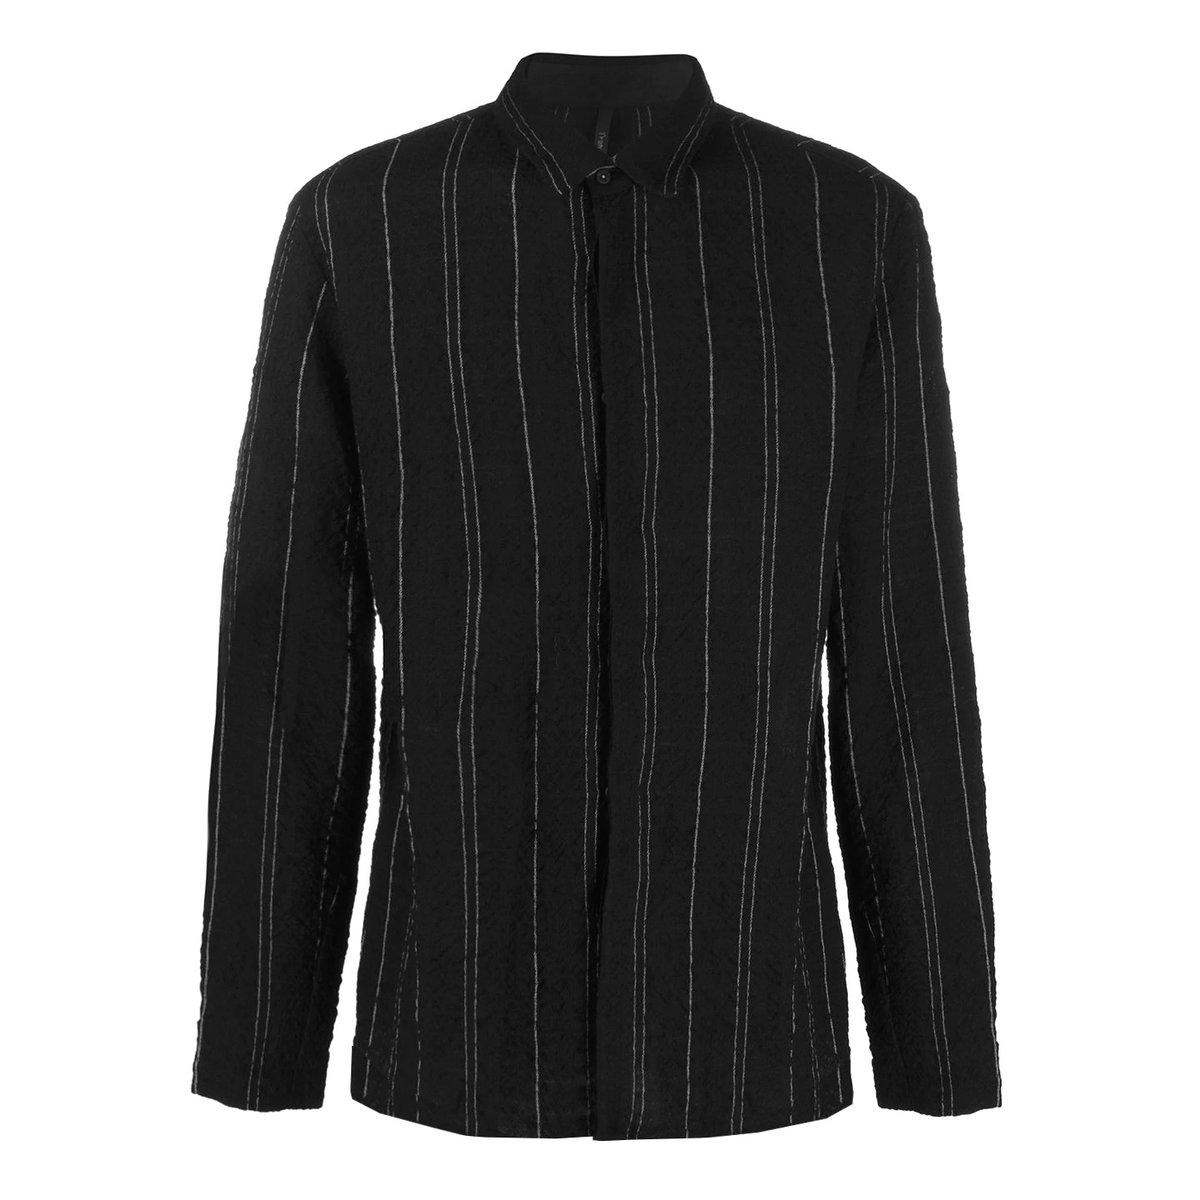 Transit Striped Wool Shirt.jpg